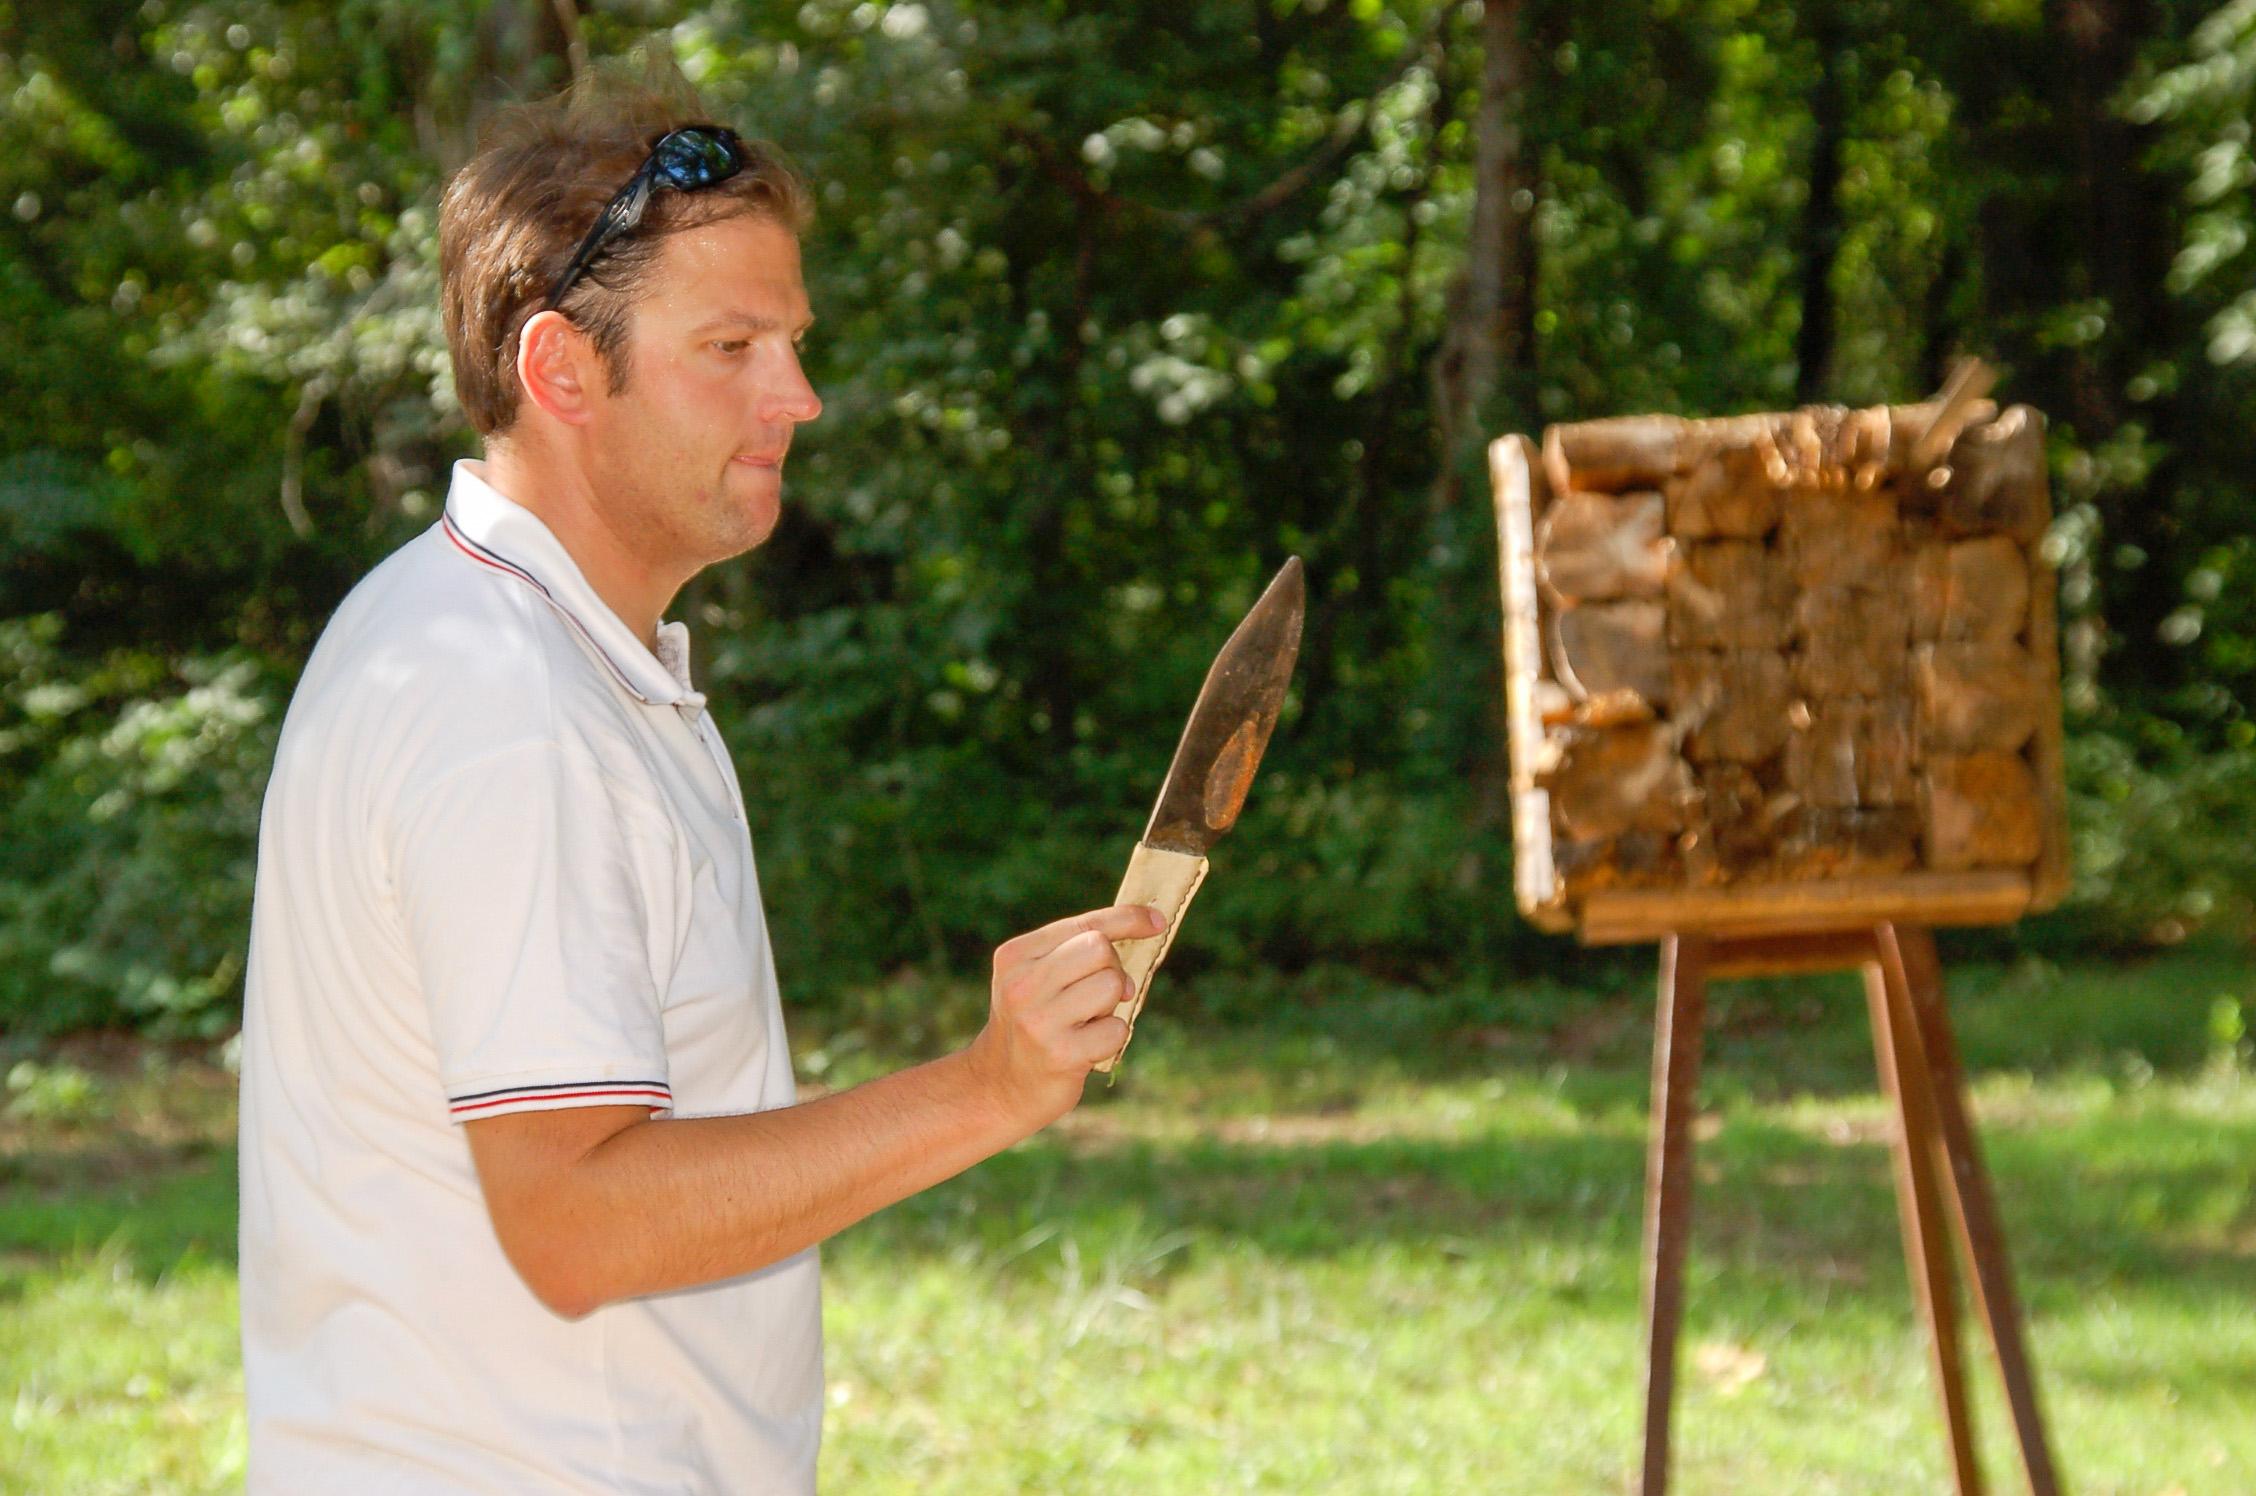 Autor Ralf Johnen versucht sich beim Wurf eines Tomahawk während seines Ranchurlaubs in Amerika